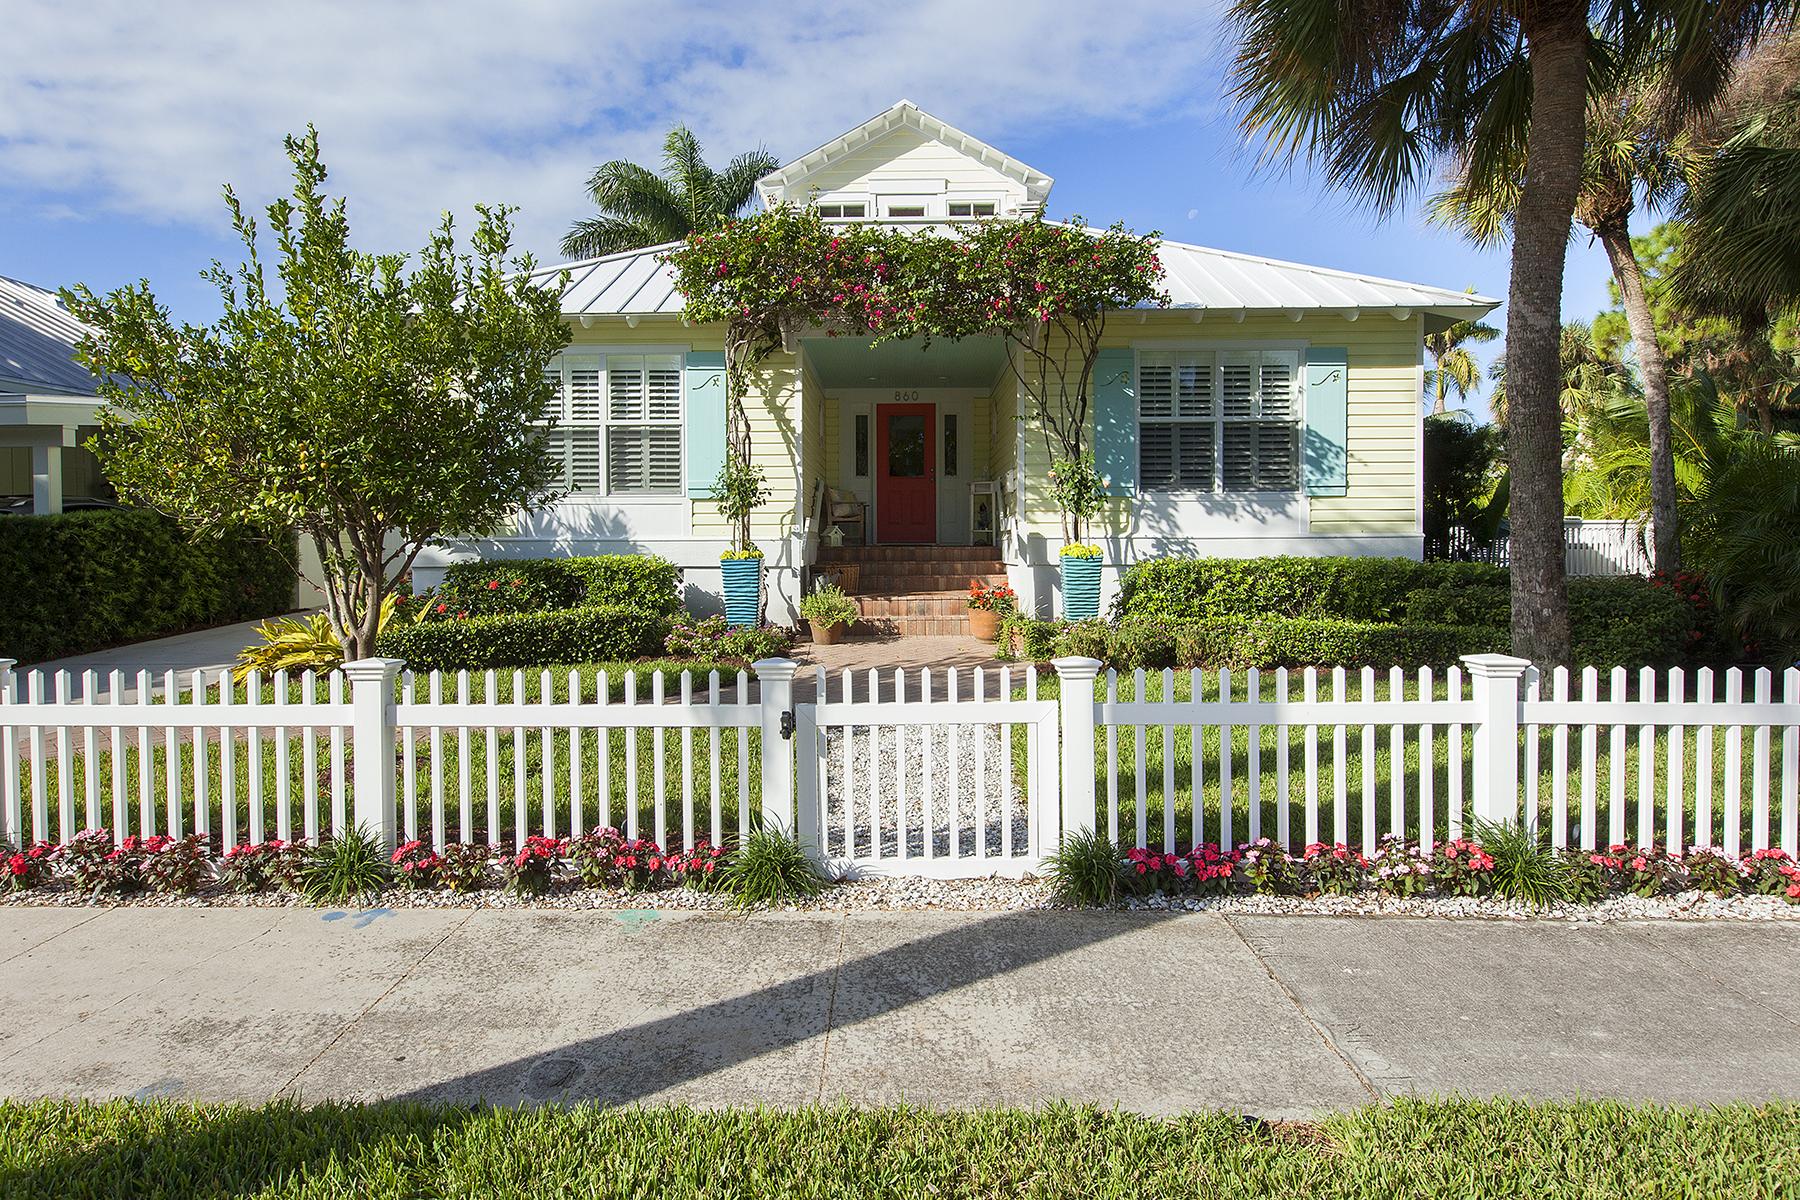 独户住宅 为 销售 在 OLD NAPLES 860 8th St S Old Naples, 那不勒斯, 佛罗里达州 34102 美国